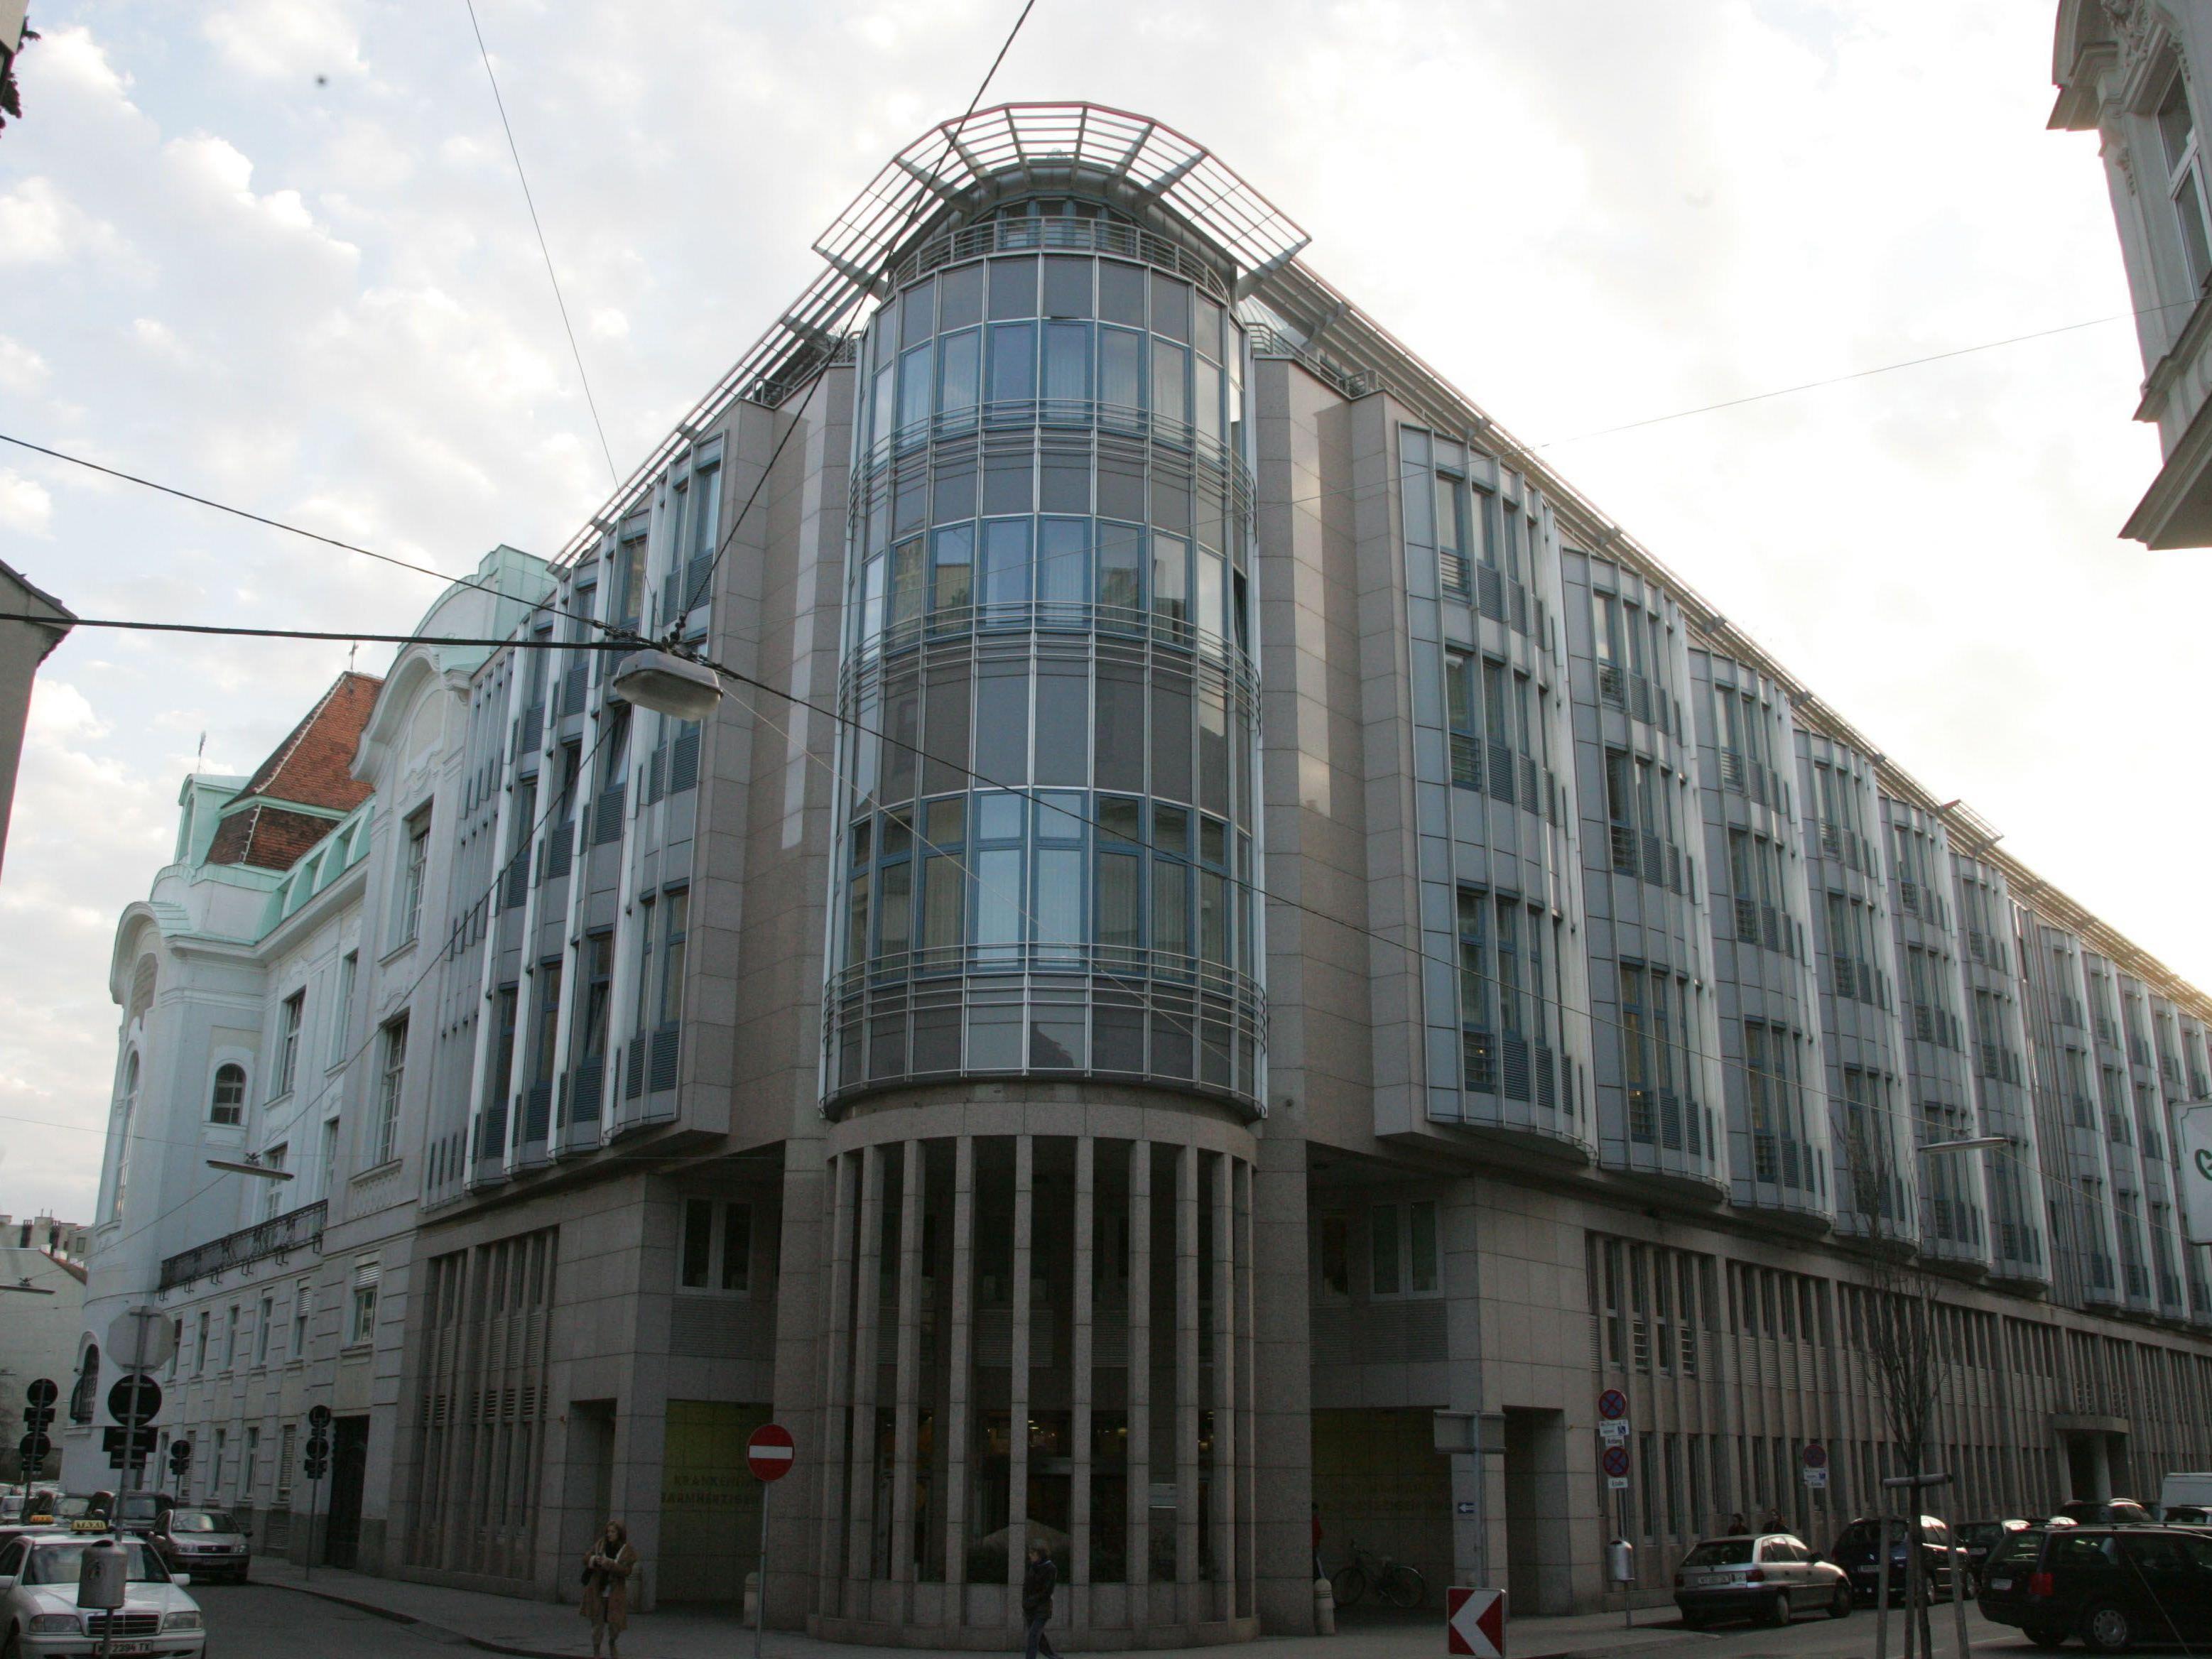 Das Krankenhaus der Barmherzigen Brüder in Wien-Leopoldstadt.